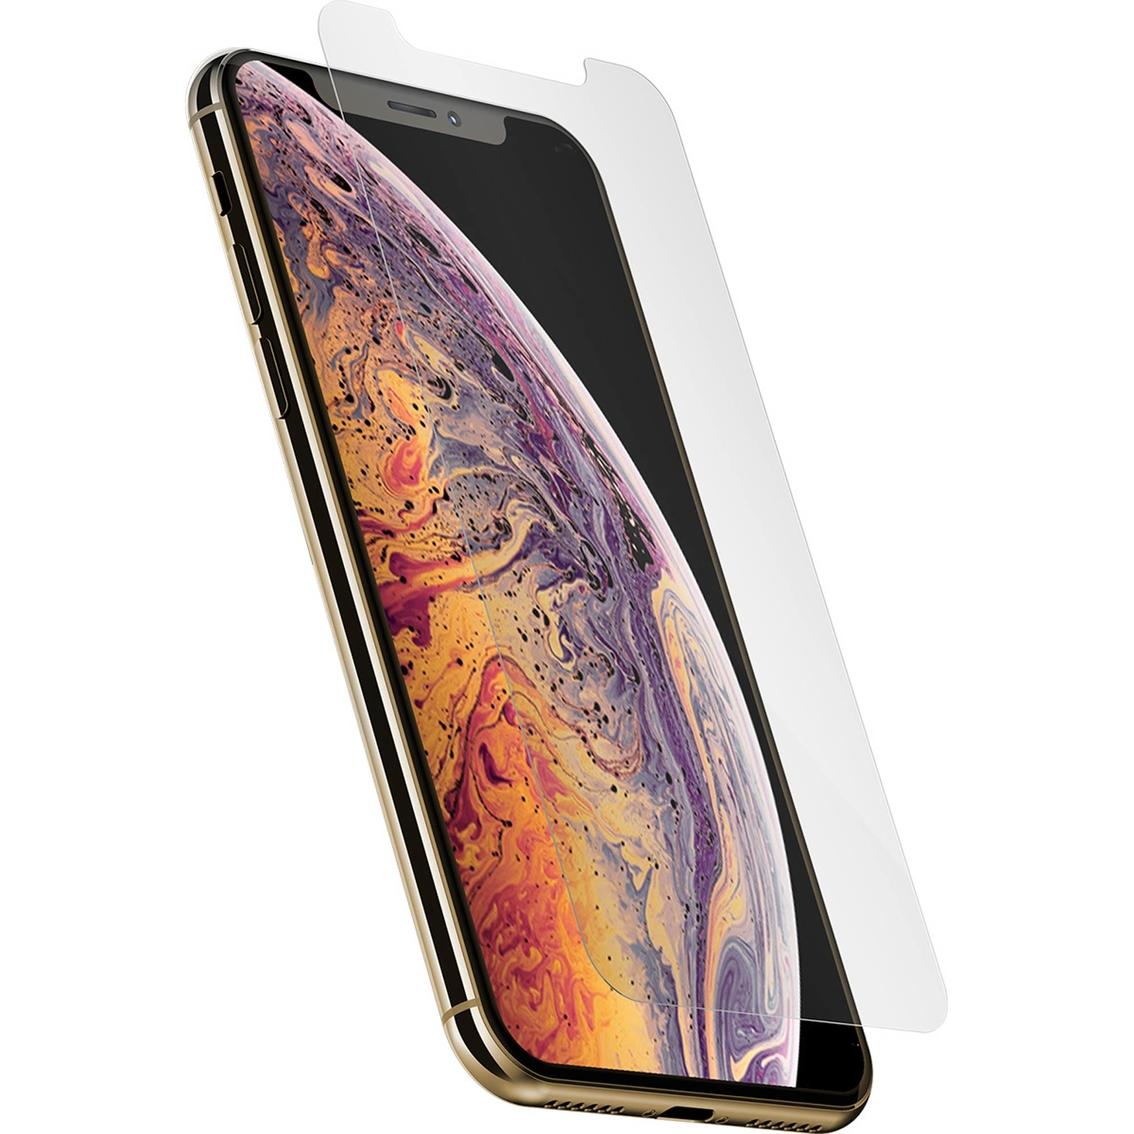 Prémiové tvrdené sklo pre iPhone XS Max 1